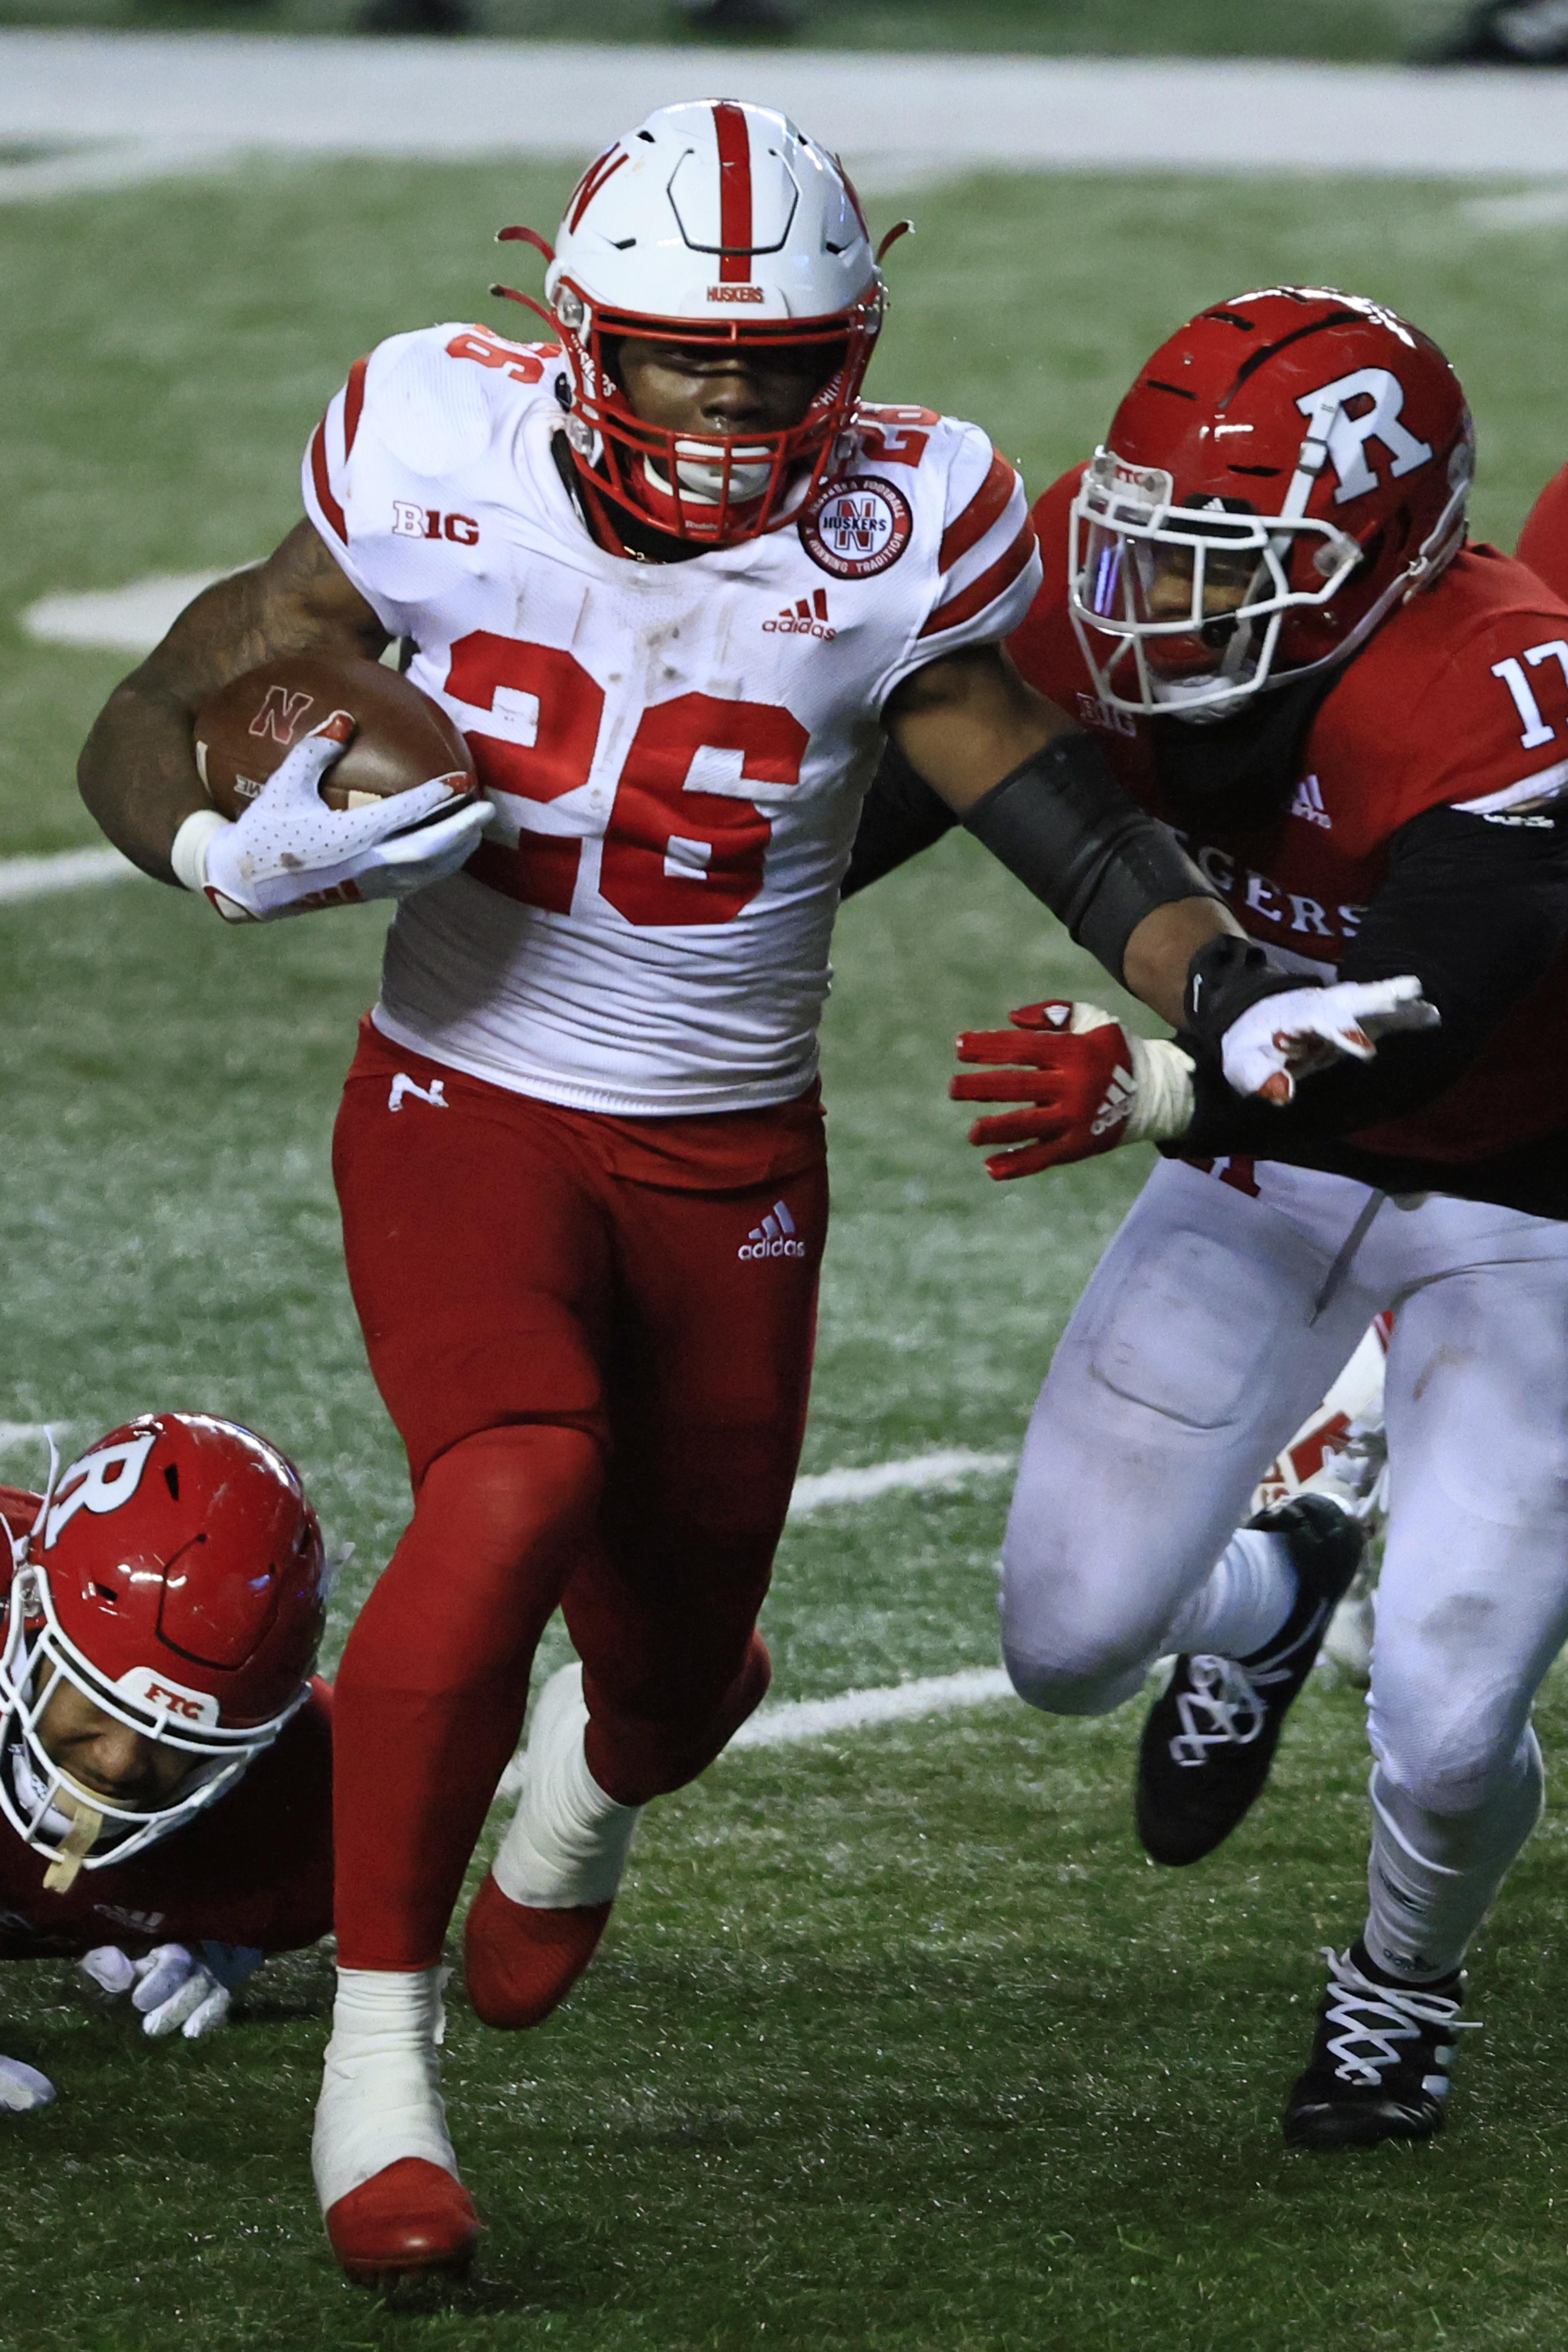 2020年12月18日,在新泽西州皮斯卡塔韦市的SHI体育场,内布拉斯加州剥玉米皮的26号球员德德里克·米尔斯(Dedrick Mills)与罗格斯猩红色骑士队的17号戴恩·詹宁斯(Deion Jennings)在第四节争分夺秒。内布拉斯加州以28比21击败罗格斯大学。